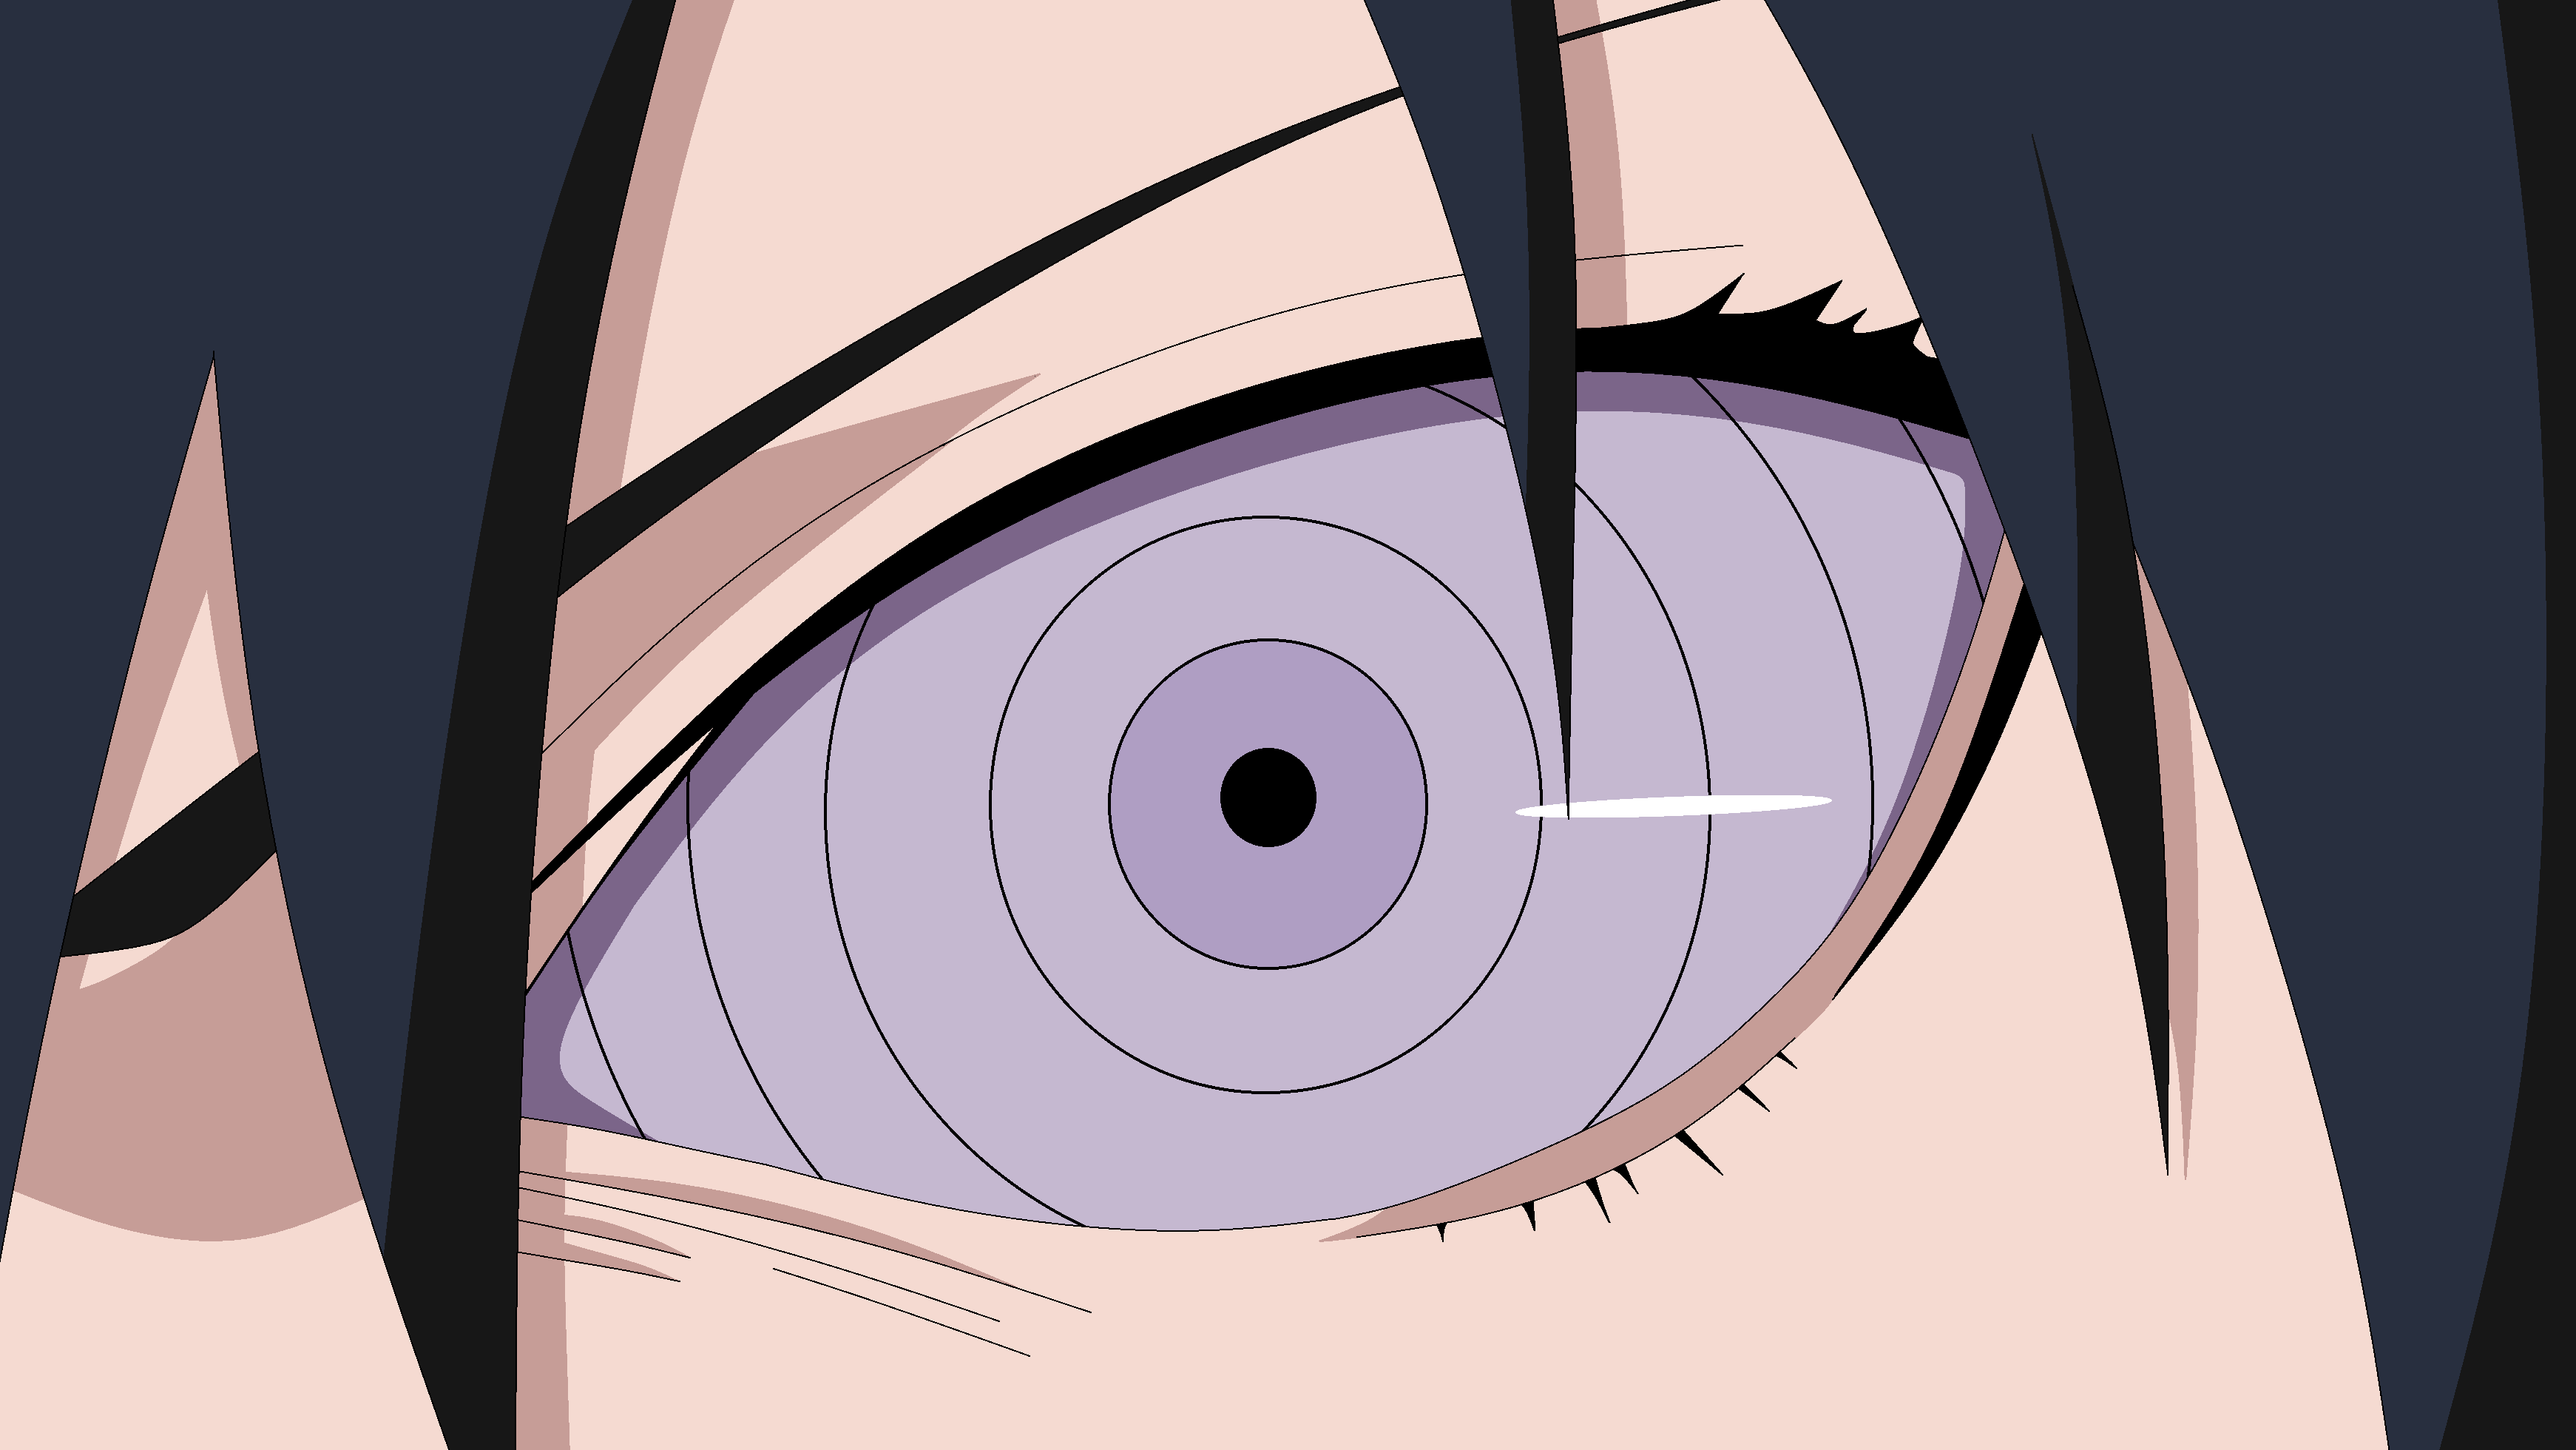 sasuke uchihas rinnegan by uchihaclanancestor on deviantart